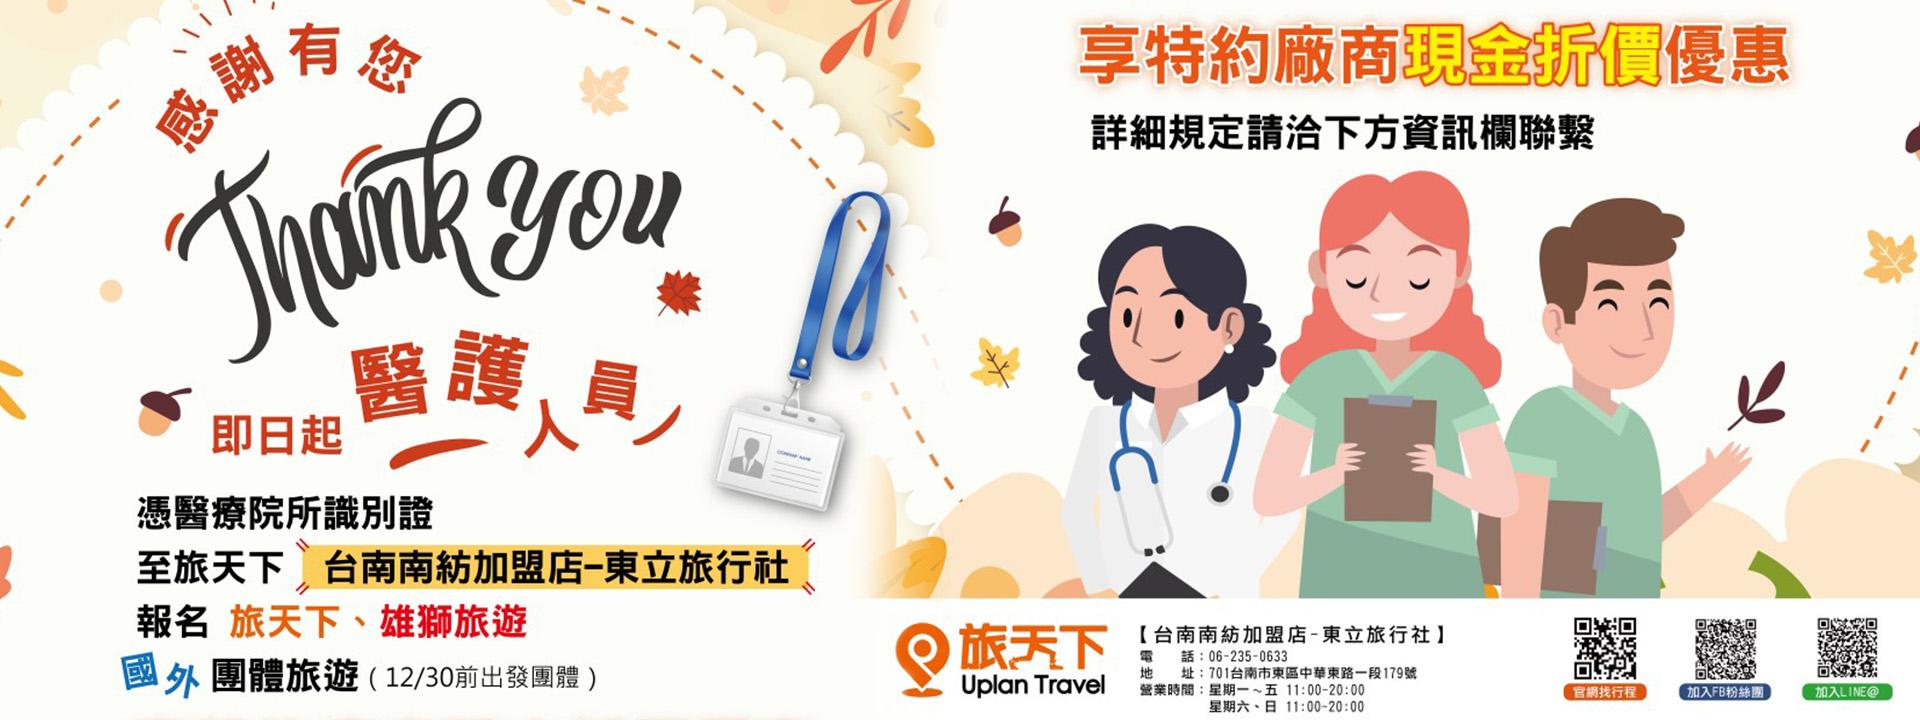 醫護人員旅遊優惠